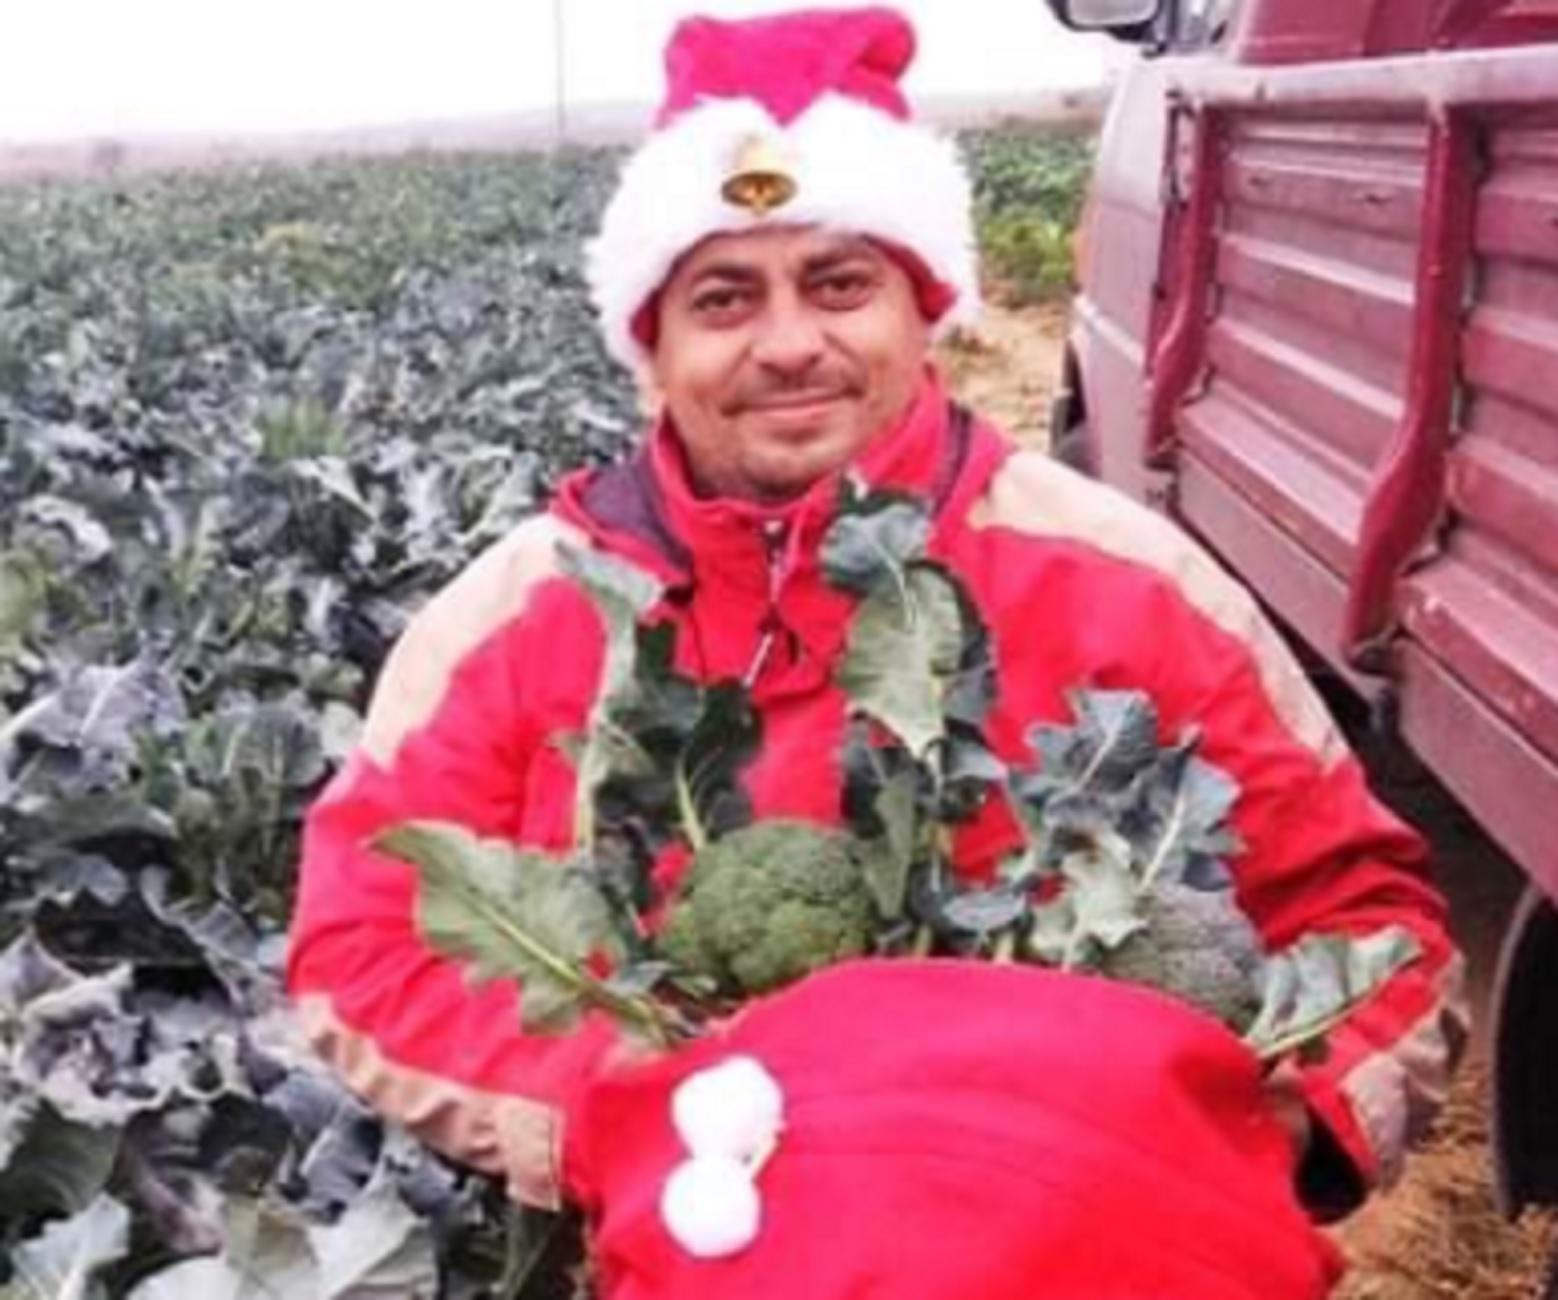 Κιλκίς: Αγρότης στο πνεύμα των ημερών! Οι τρεις φωτογραφίες που τον κάνουν viral στα social media